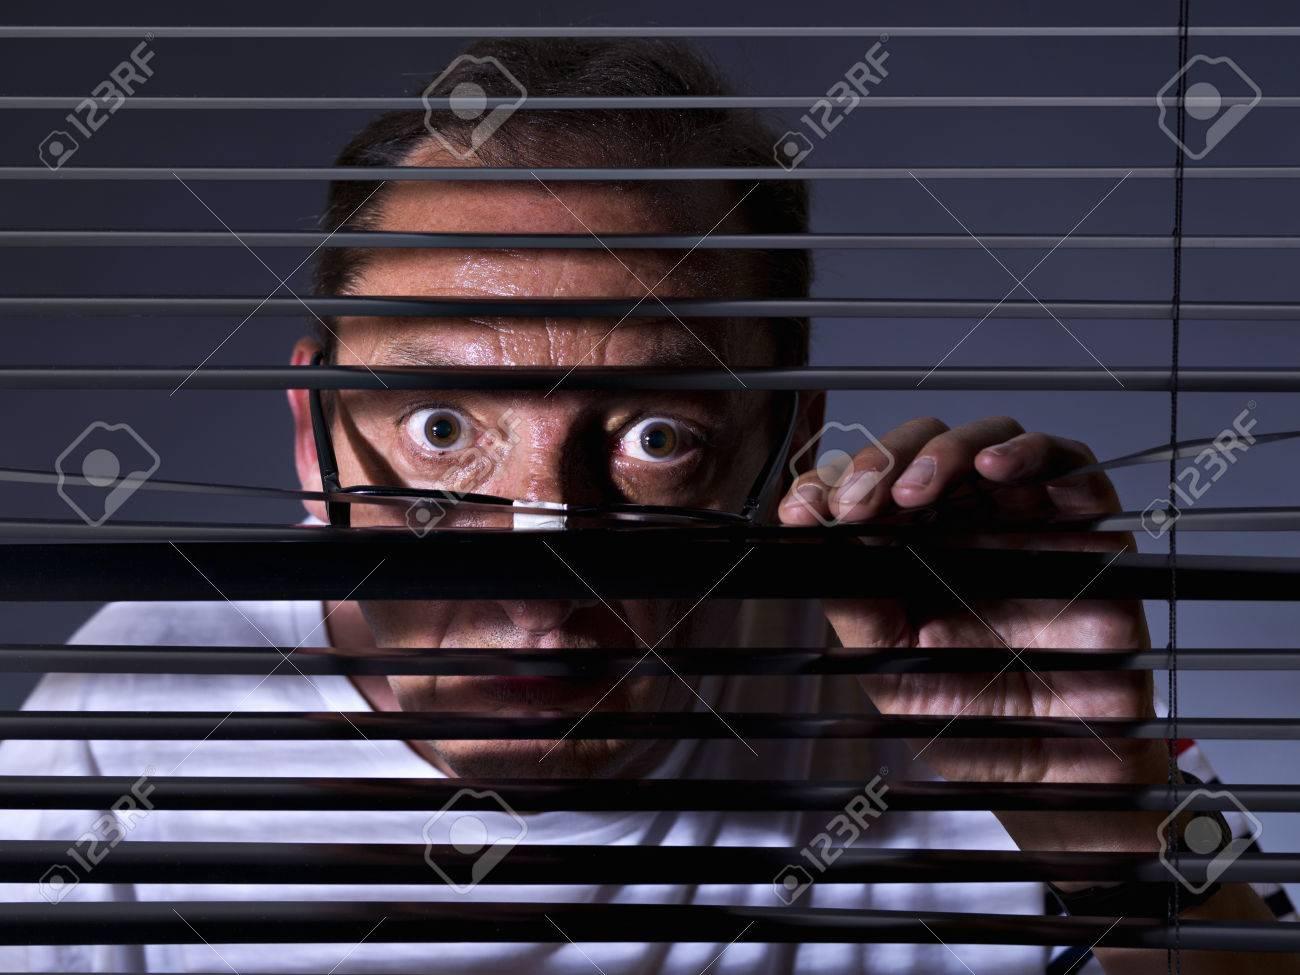 Vicious man looking sideways through venetian blind - 38156718